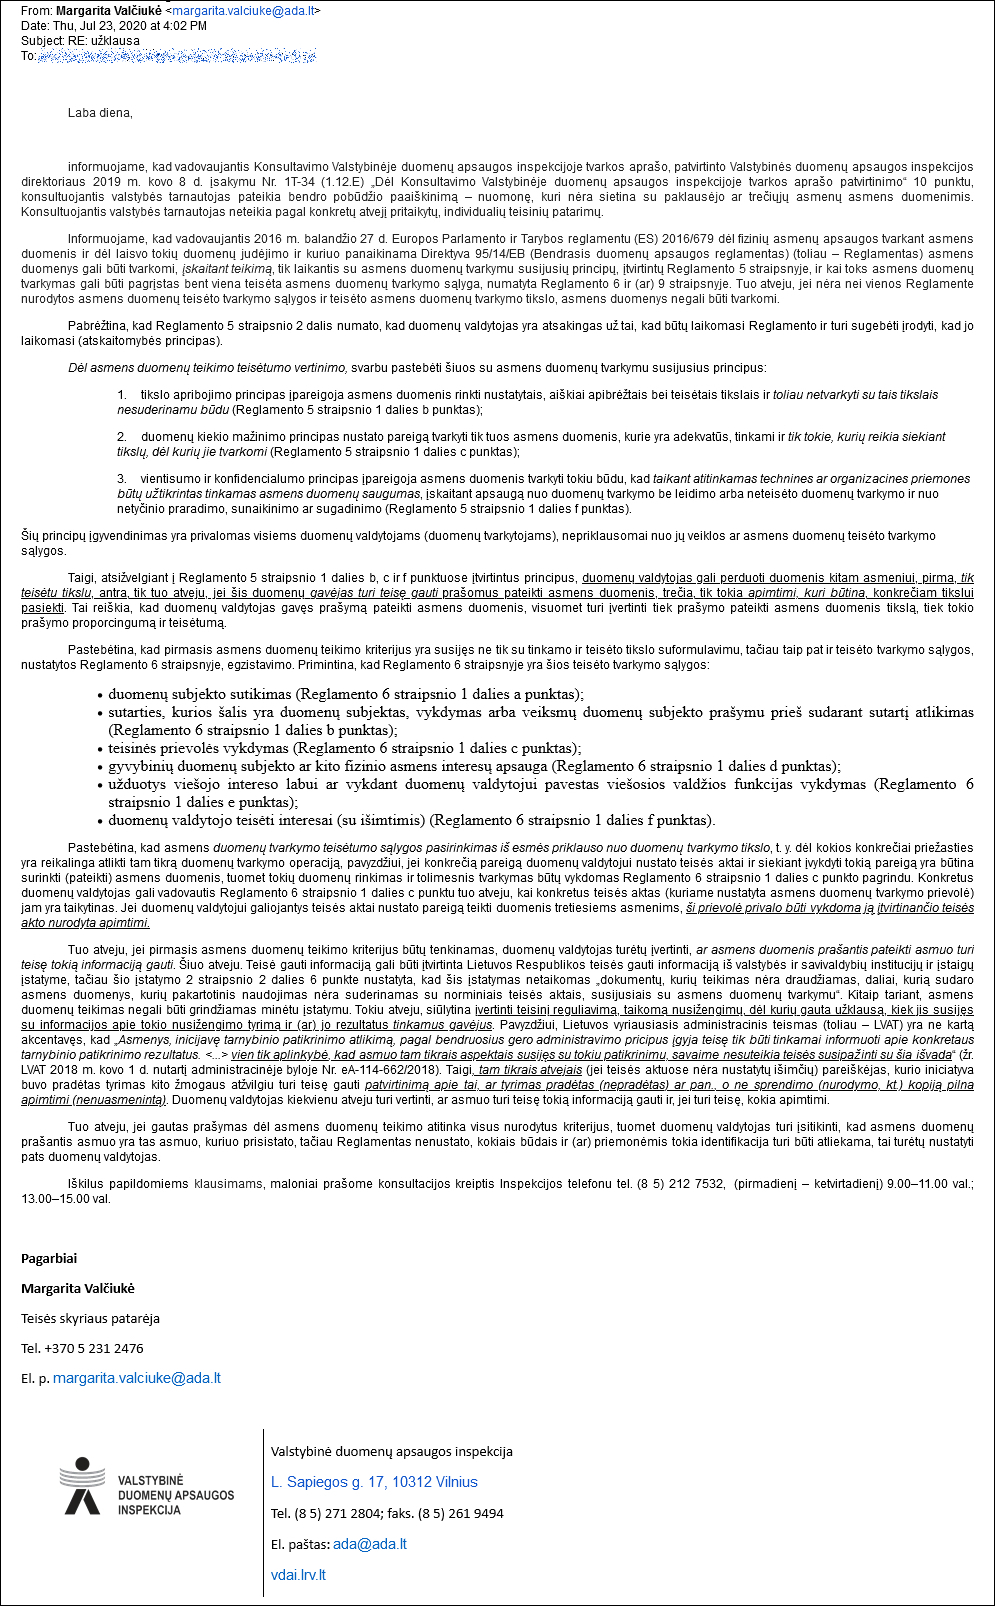 20200925-detalesne-informacija-apie-priimtus-sprendimus-neskelbtina-06.jpg